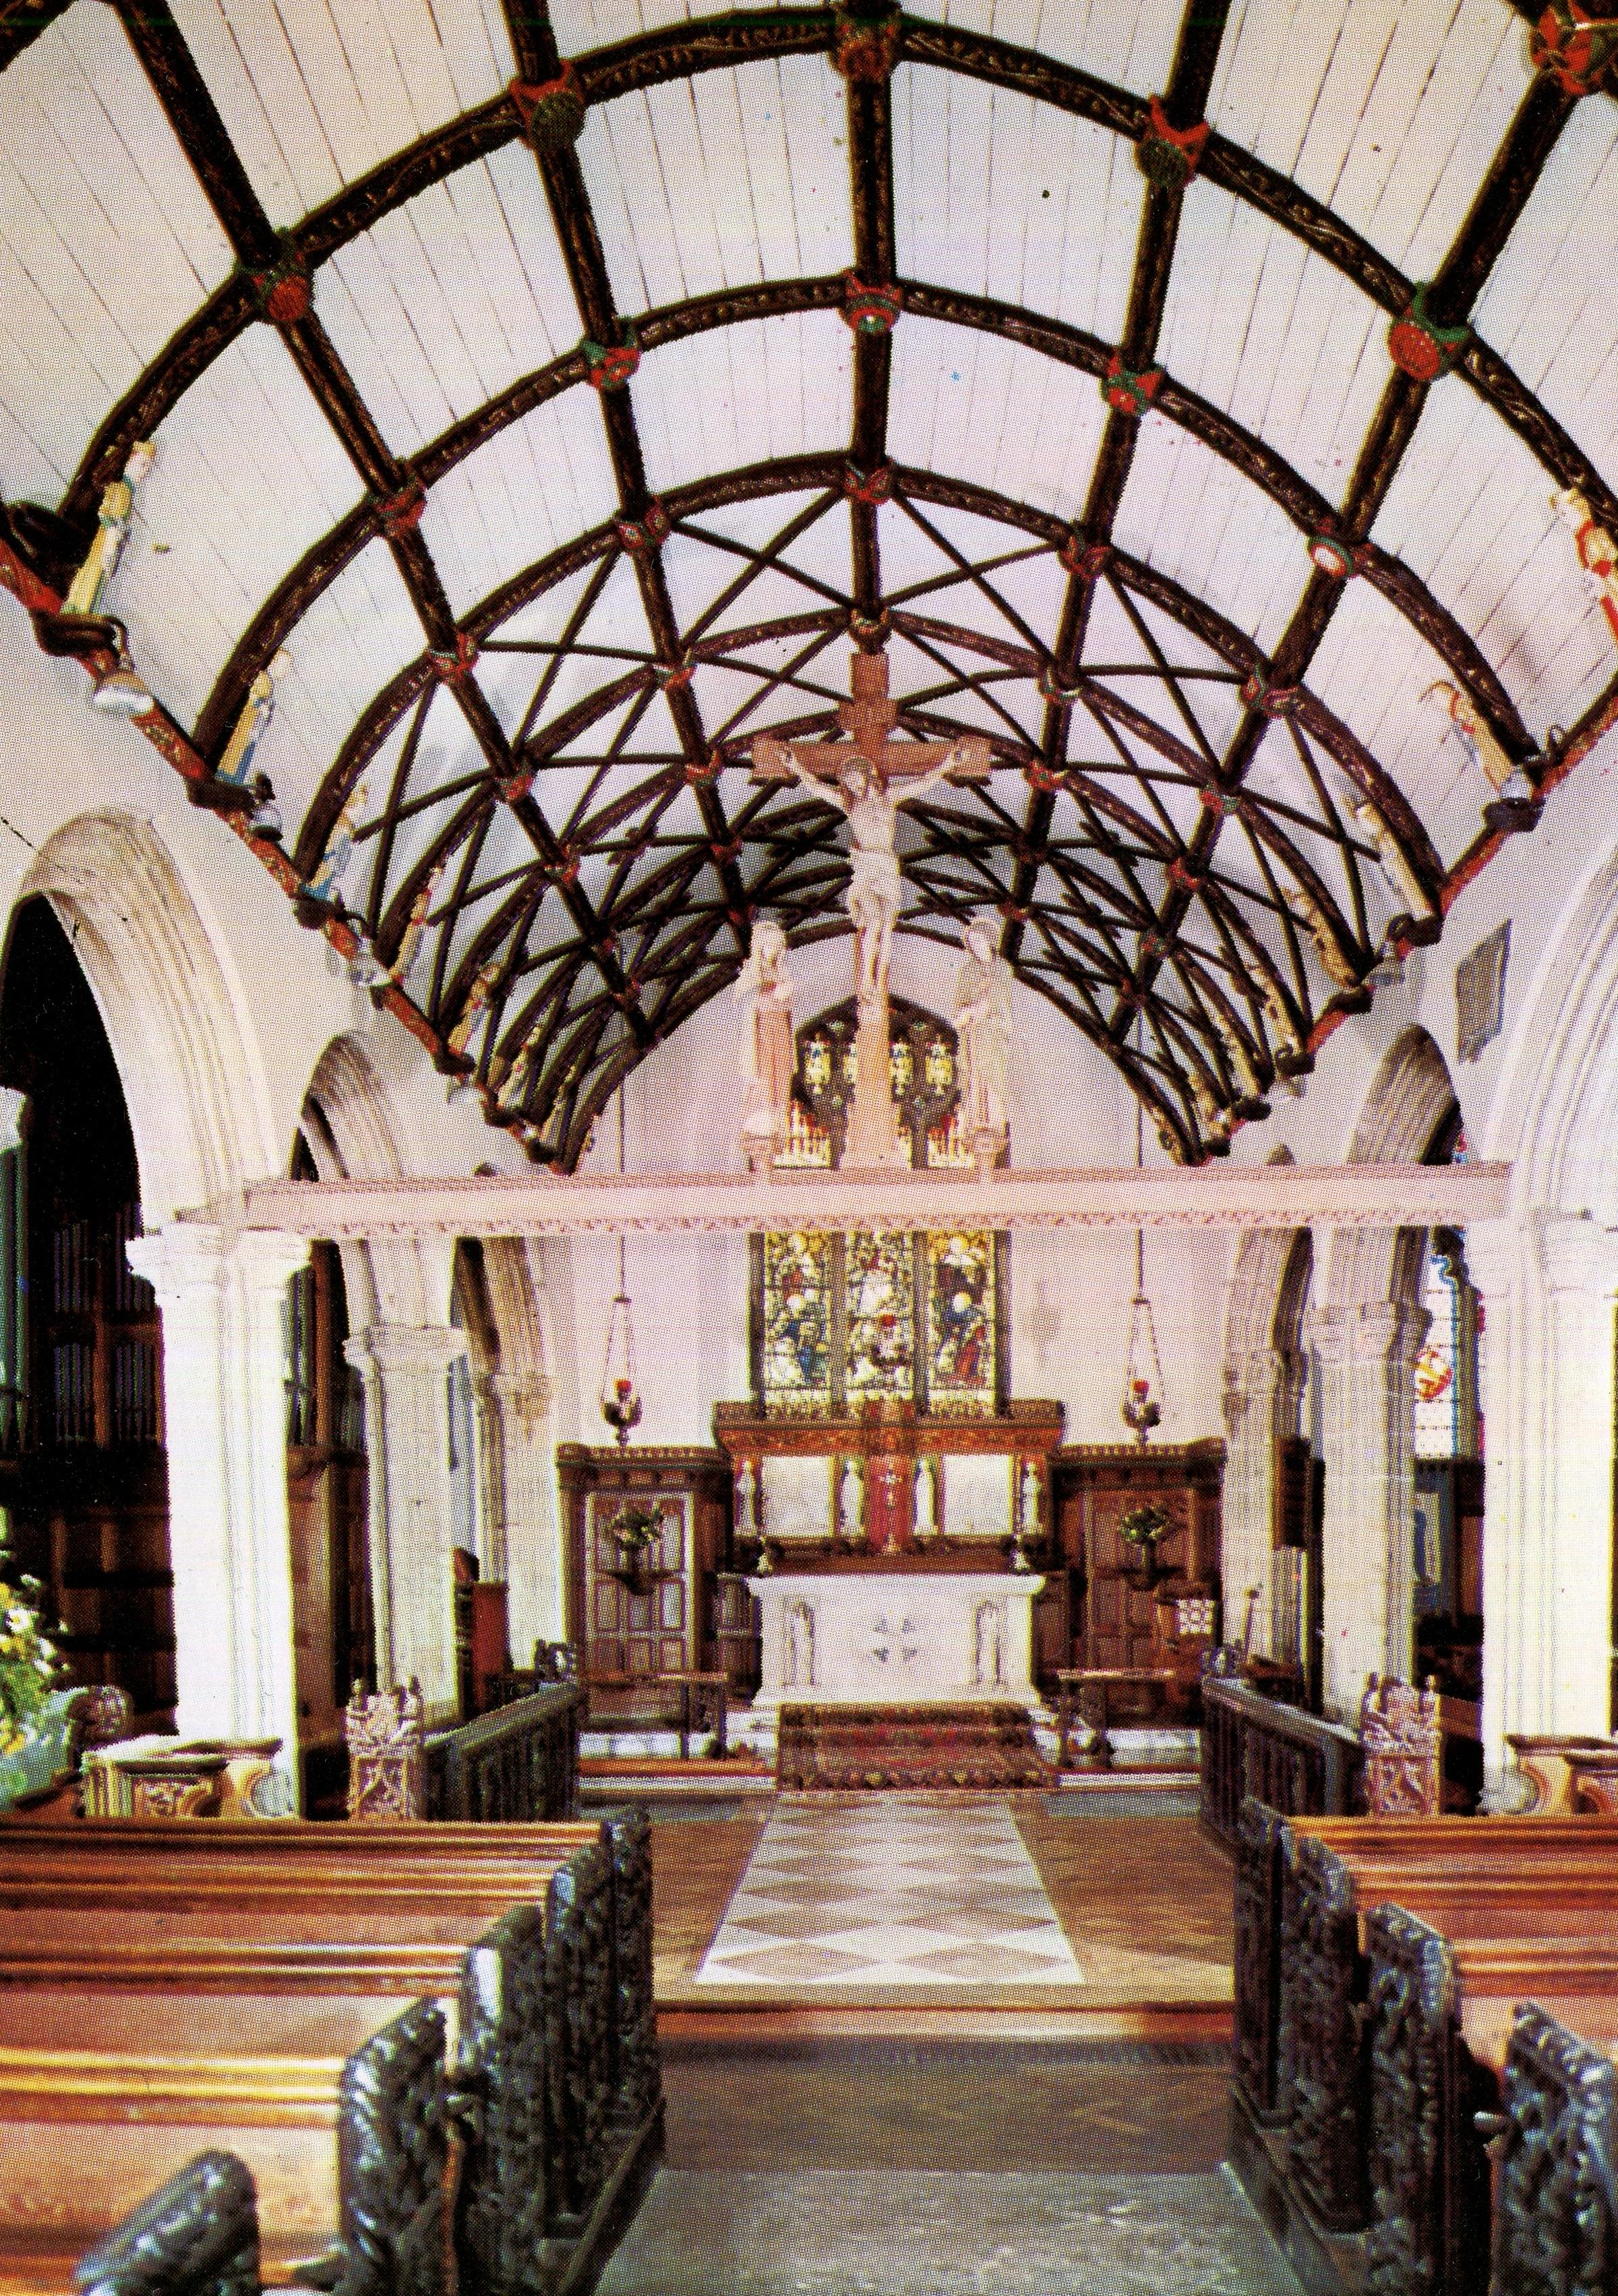 St Ives Parish Church